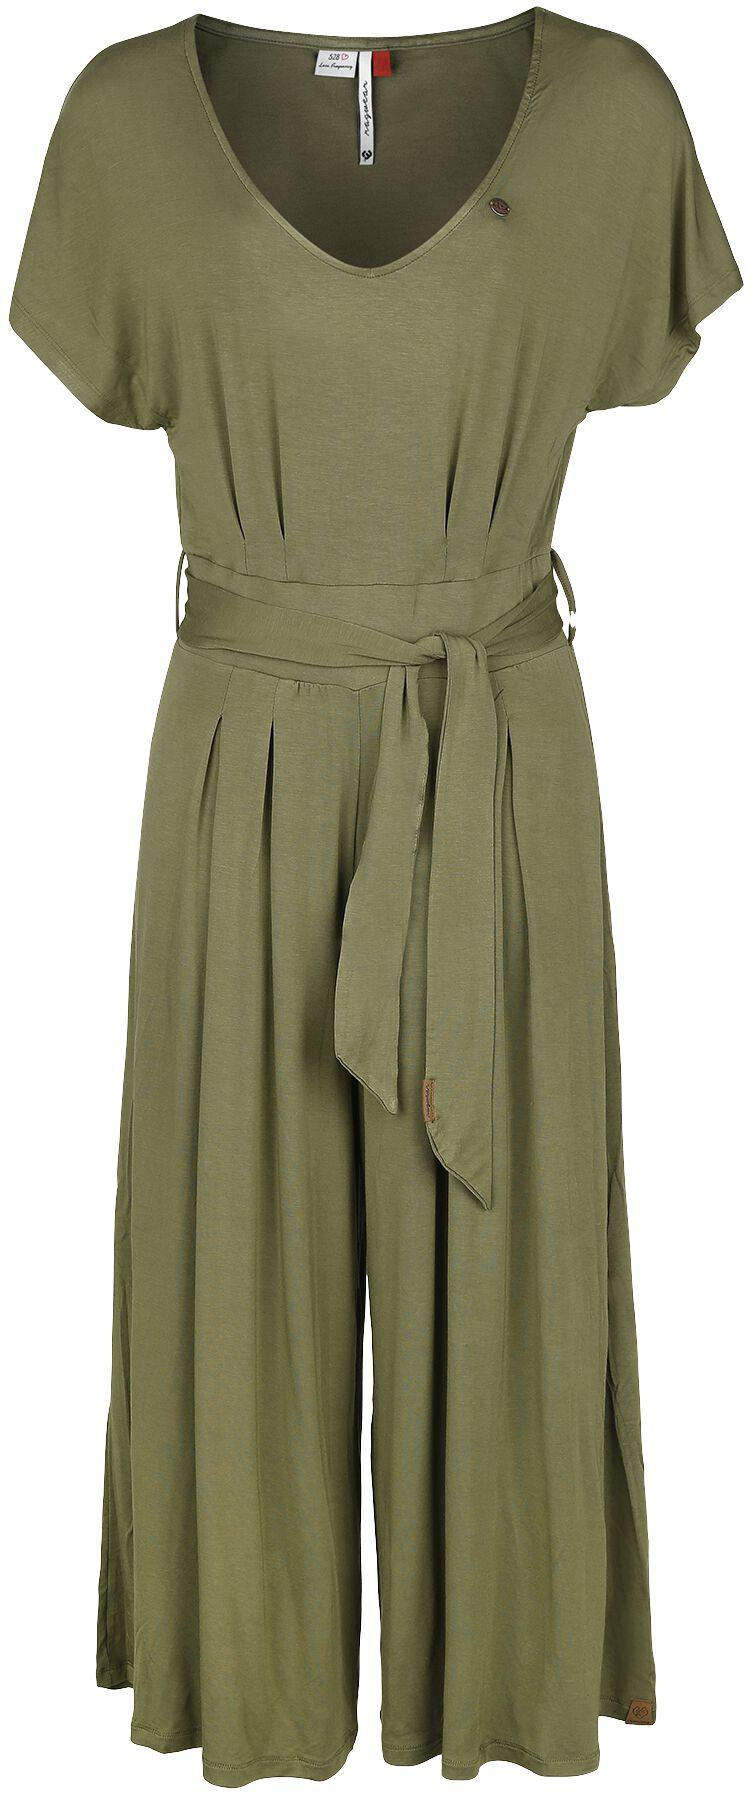 Ragwear Shia Jumpsuit oliv 2111-75008, olive